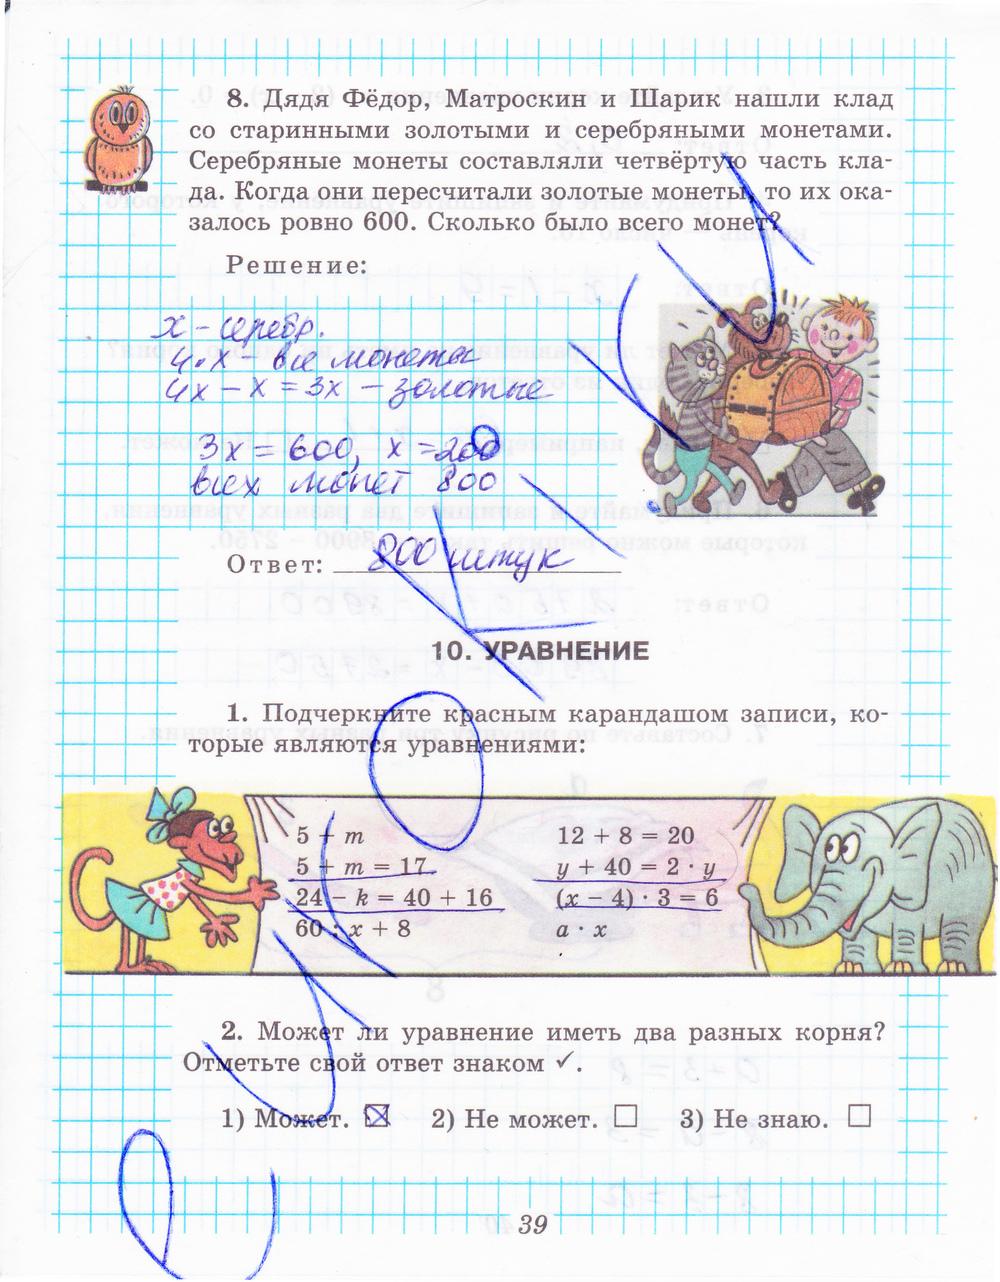 ГДЗ по математике 5 класс рабочая тетрадь Рудницкая Часть 1, 2. Задание: стр. 39